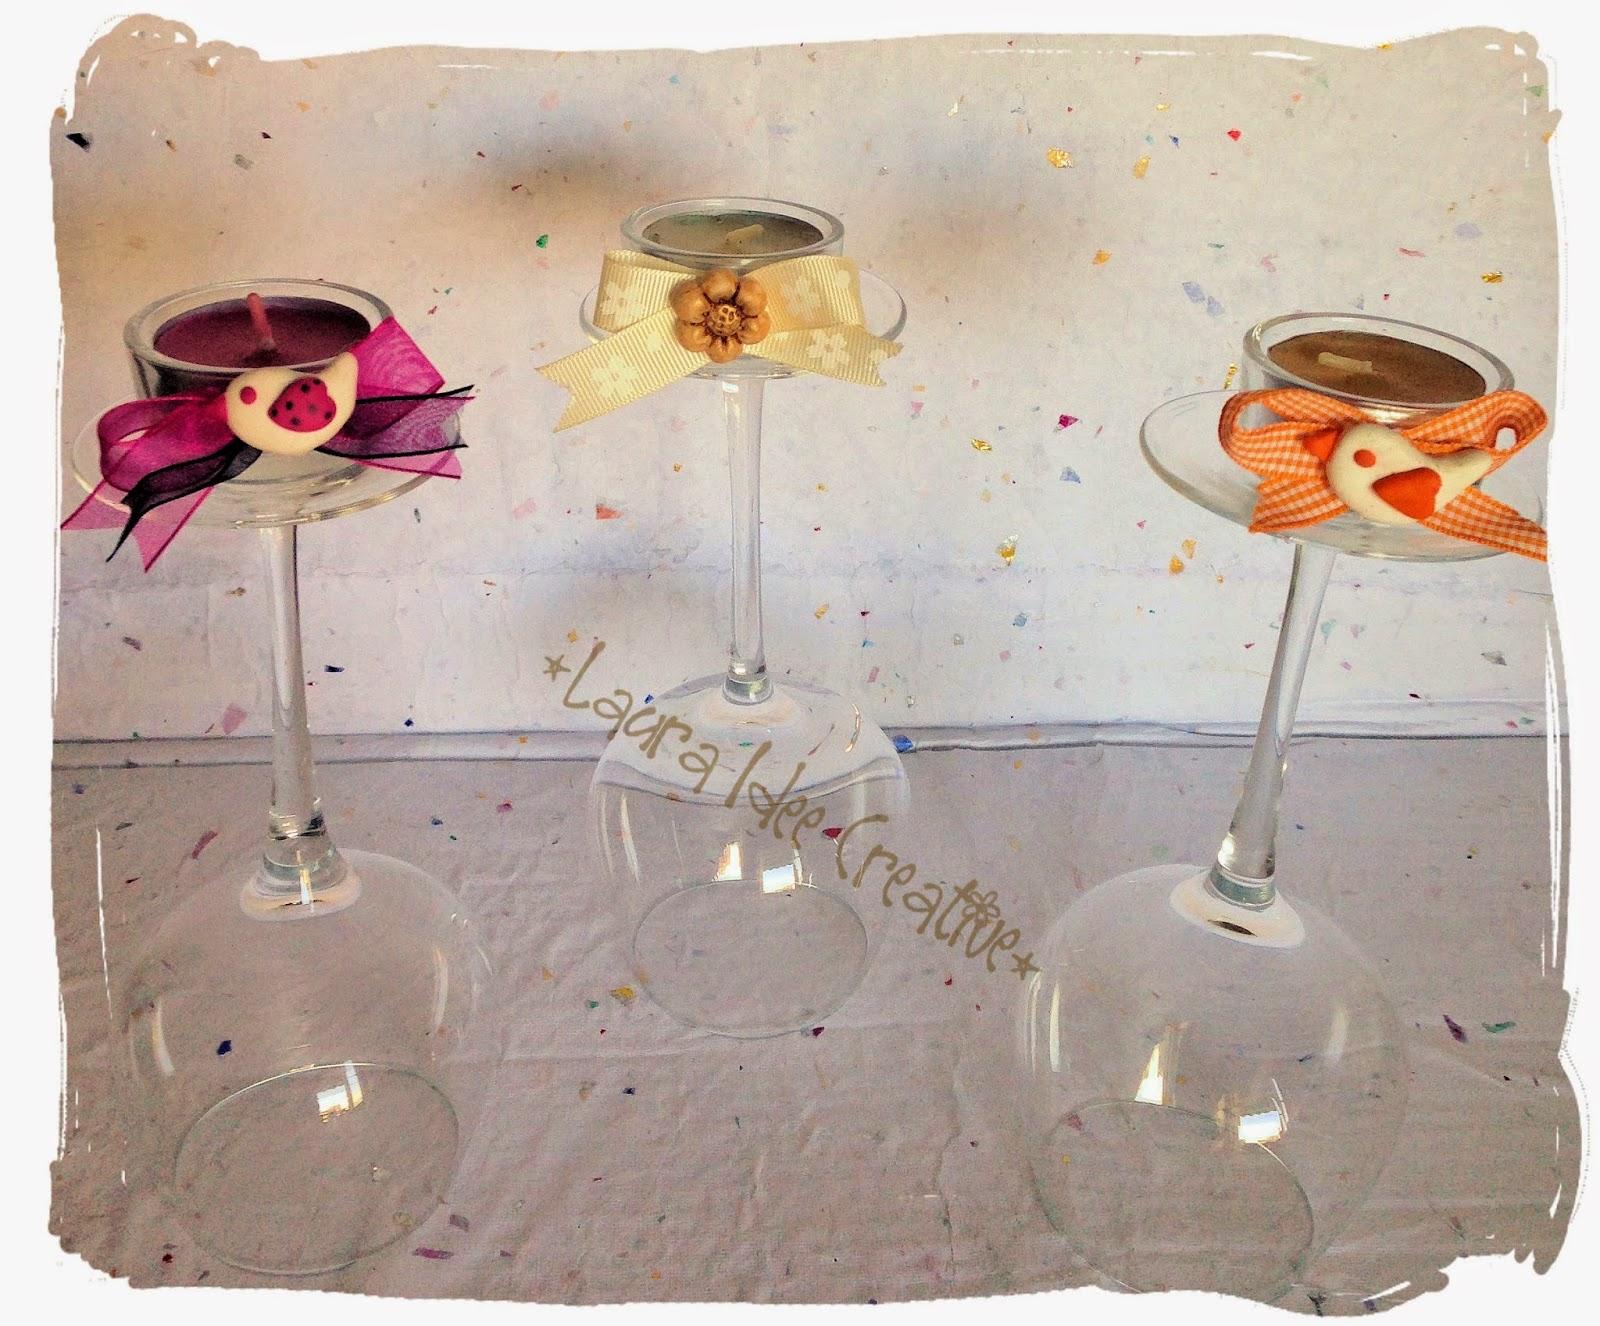 Popolare Laura Idee Creative: Tempo di cerimonie: bomboniere e segnaposto  BN03